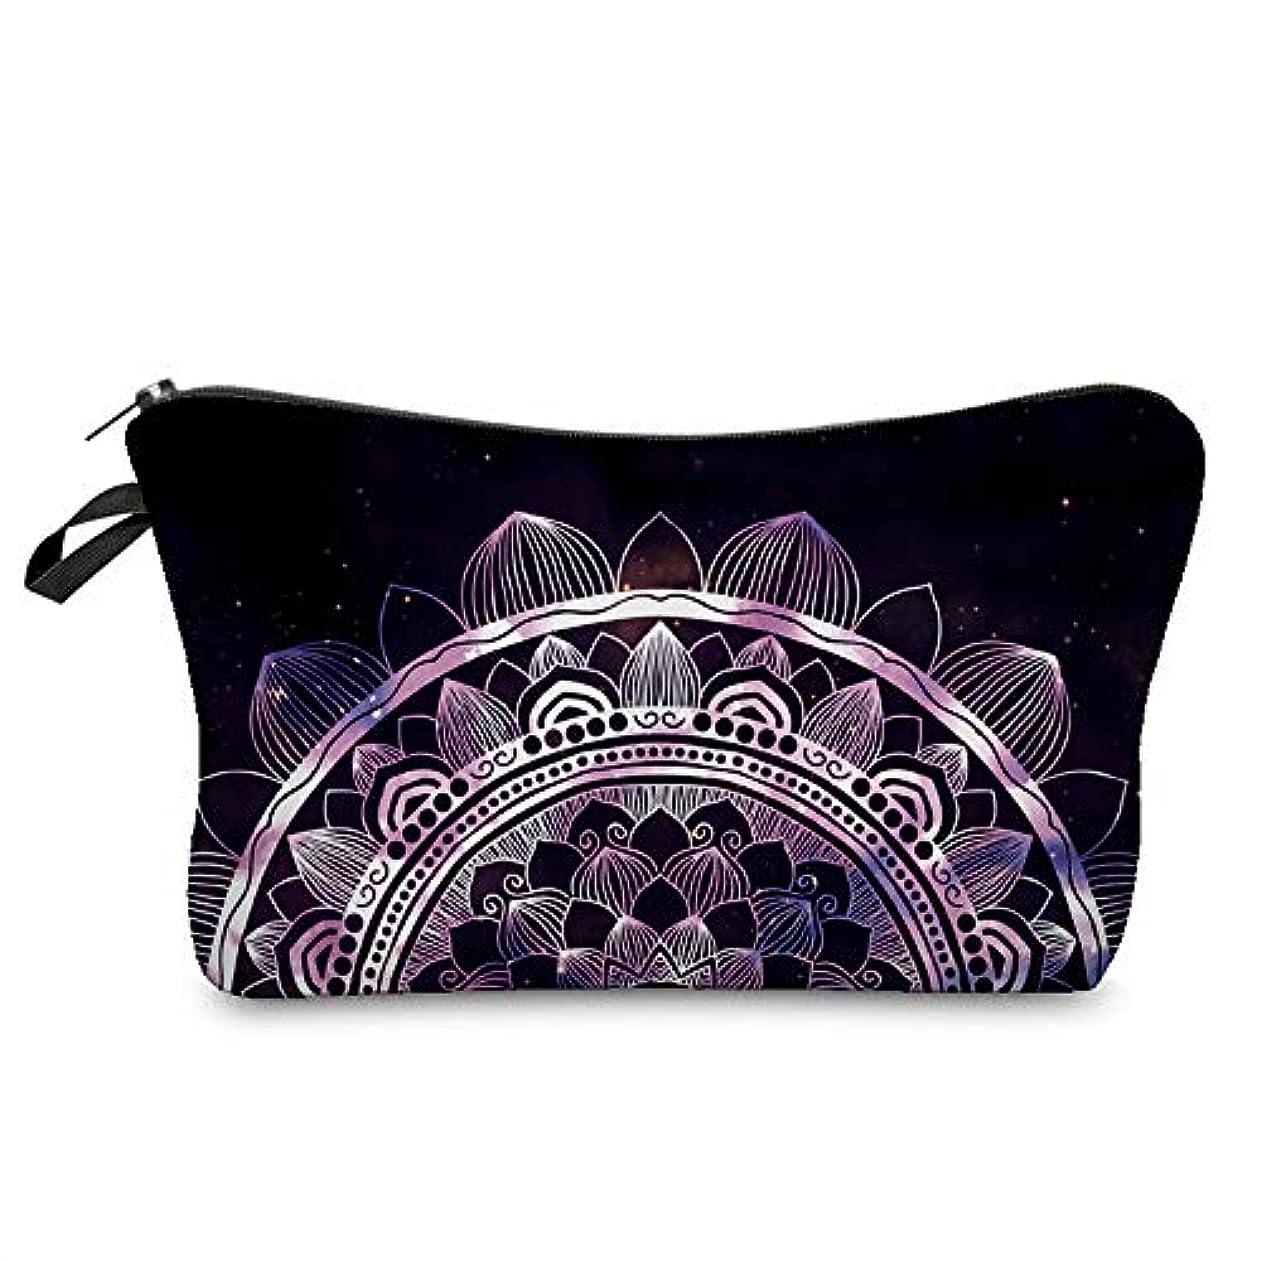 セラー静けさ固体1st market 優れた3D曼荼羅印刷化粧品オーガナイザーバッグ女性旅行化粧ポーチ